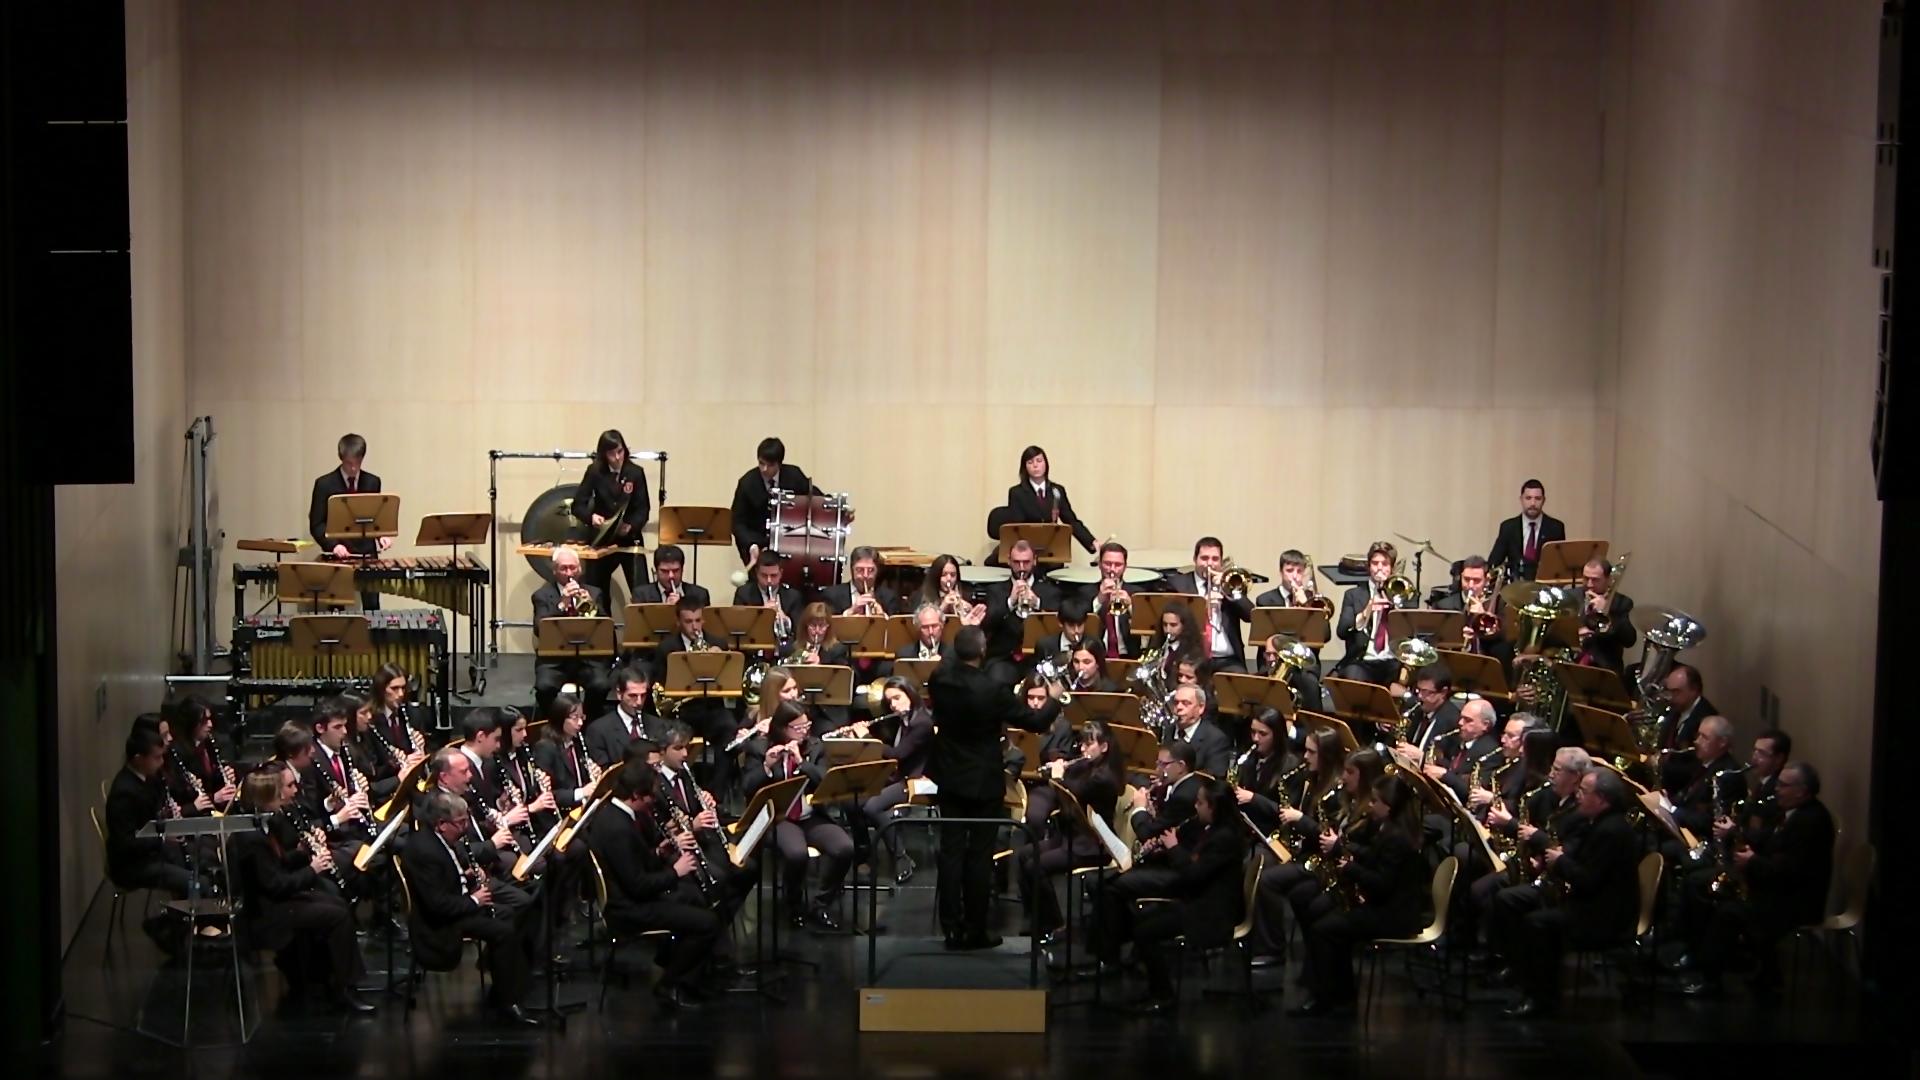 Banda Ciudad de Burgos I certamen provincial de bandas de Burgos dic 15 (4)